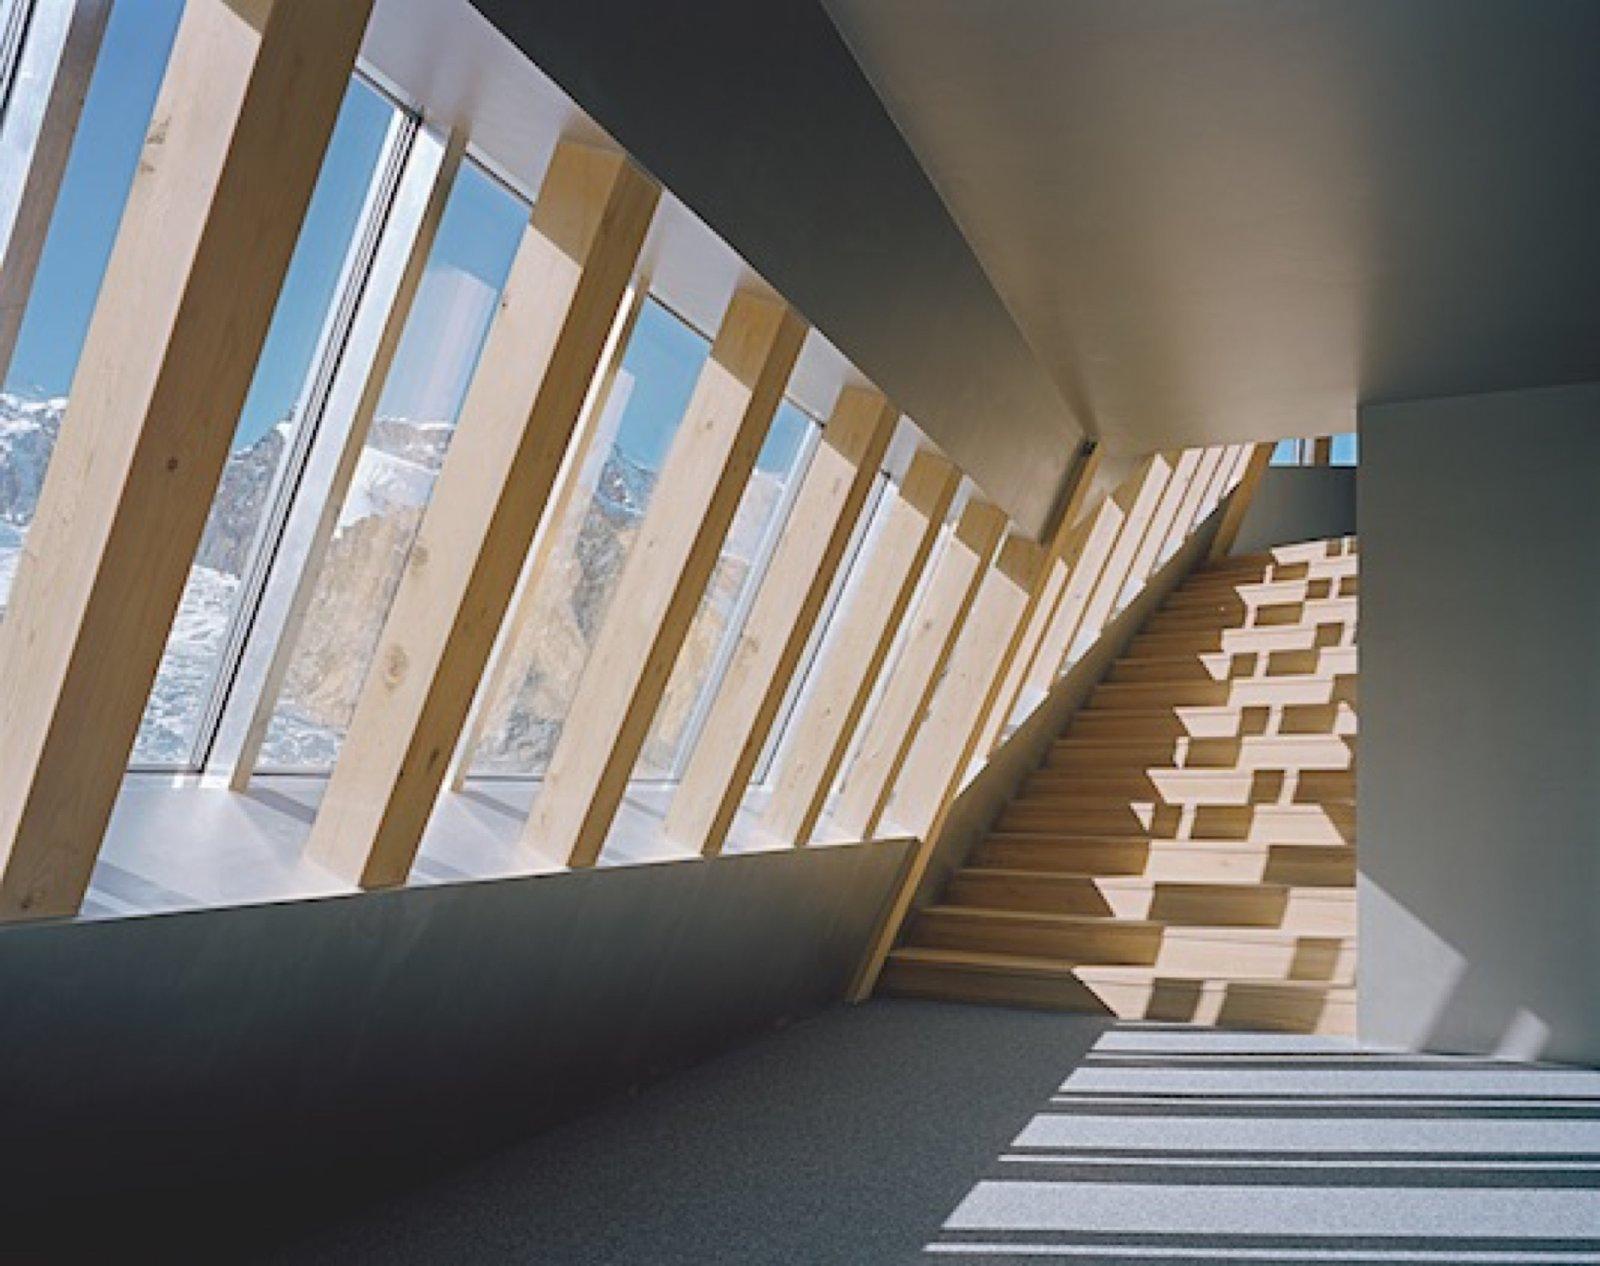 #alpinemodern #design #lifestyle #modern #elevatedliving #quiestdesign #monterosahut #swiss #alps #matterhorn #switzerland #zermatt   Head for Heights: Monte Rosa Hut